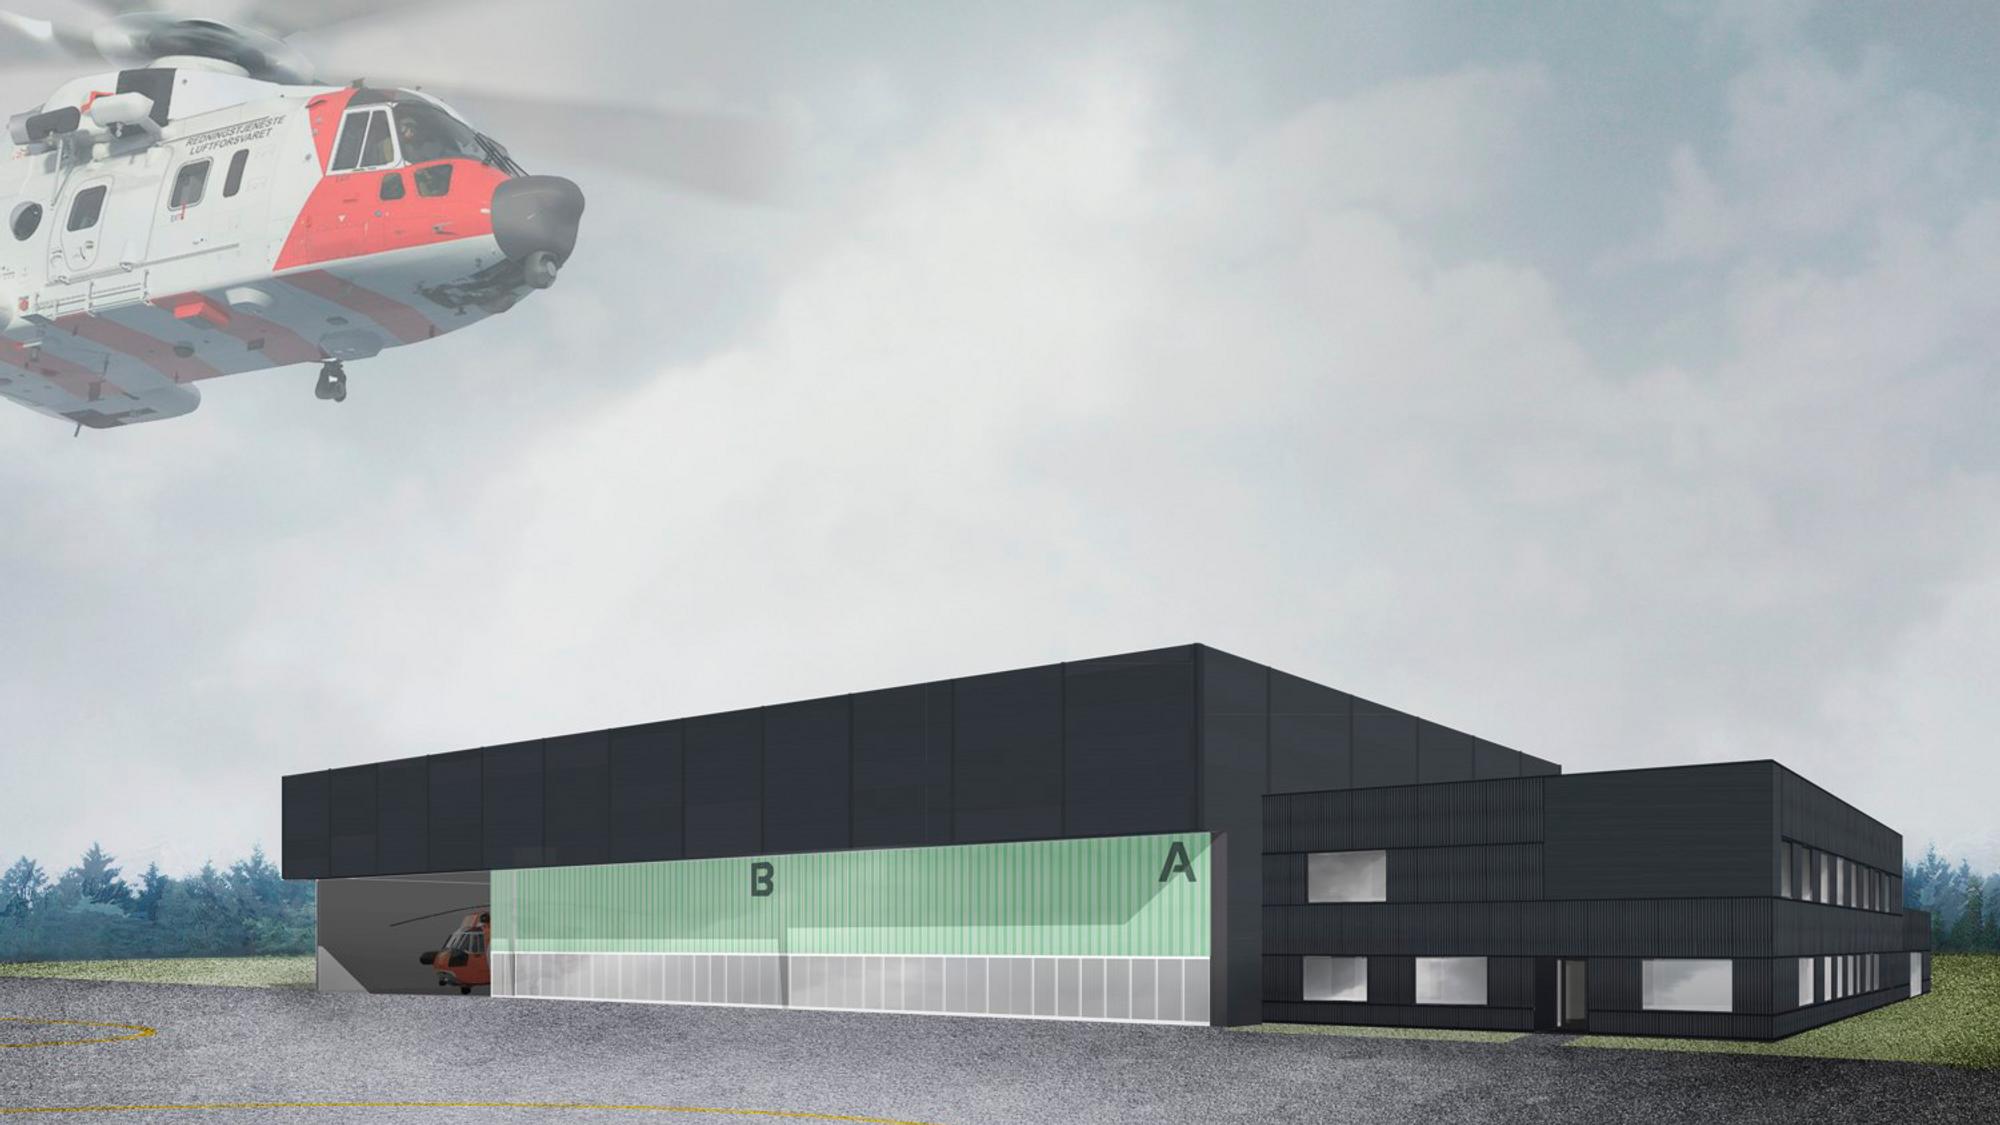 Moderne løft: Forsvarsbygg skal på oppdrag fra Justis- og beredskapsdepartementet få på plass bygg og anlegg for redningshelikoptertjenestens nye helikoptre på seks steder over hele landet